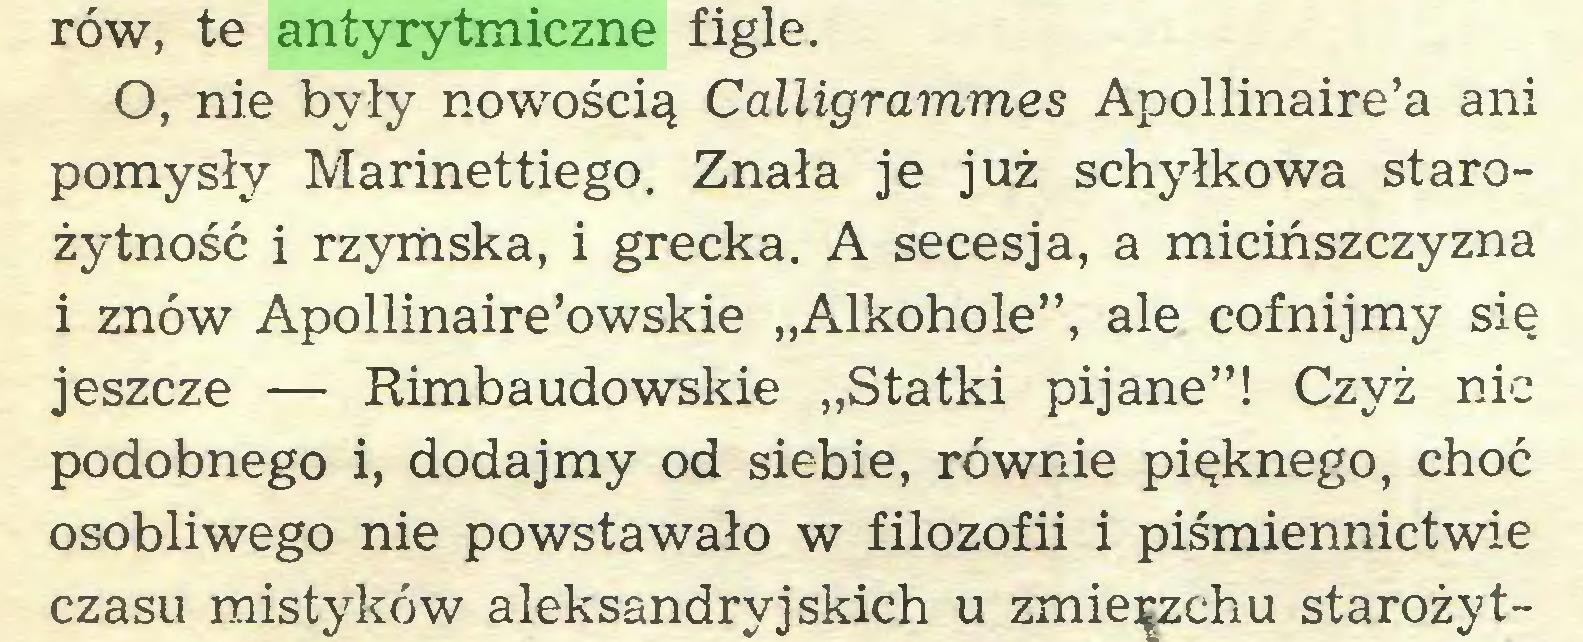 """(...) jeszcze — Rimbaudowskie """"Statki pijane""""! Czyż nic podobnego i, dodajmy od siebie, równie pięknego, choć osobliwego nie powstawało w filozofii i piśmiennictwie czasu mistyków aleksandryjskich u zmierzchu starożytrów, te antyrytmiczne figle..."""